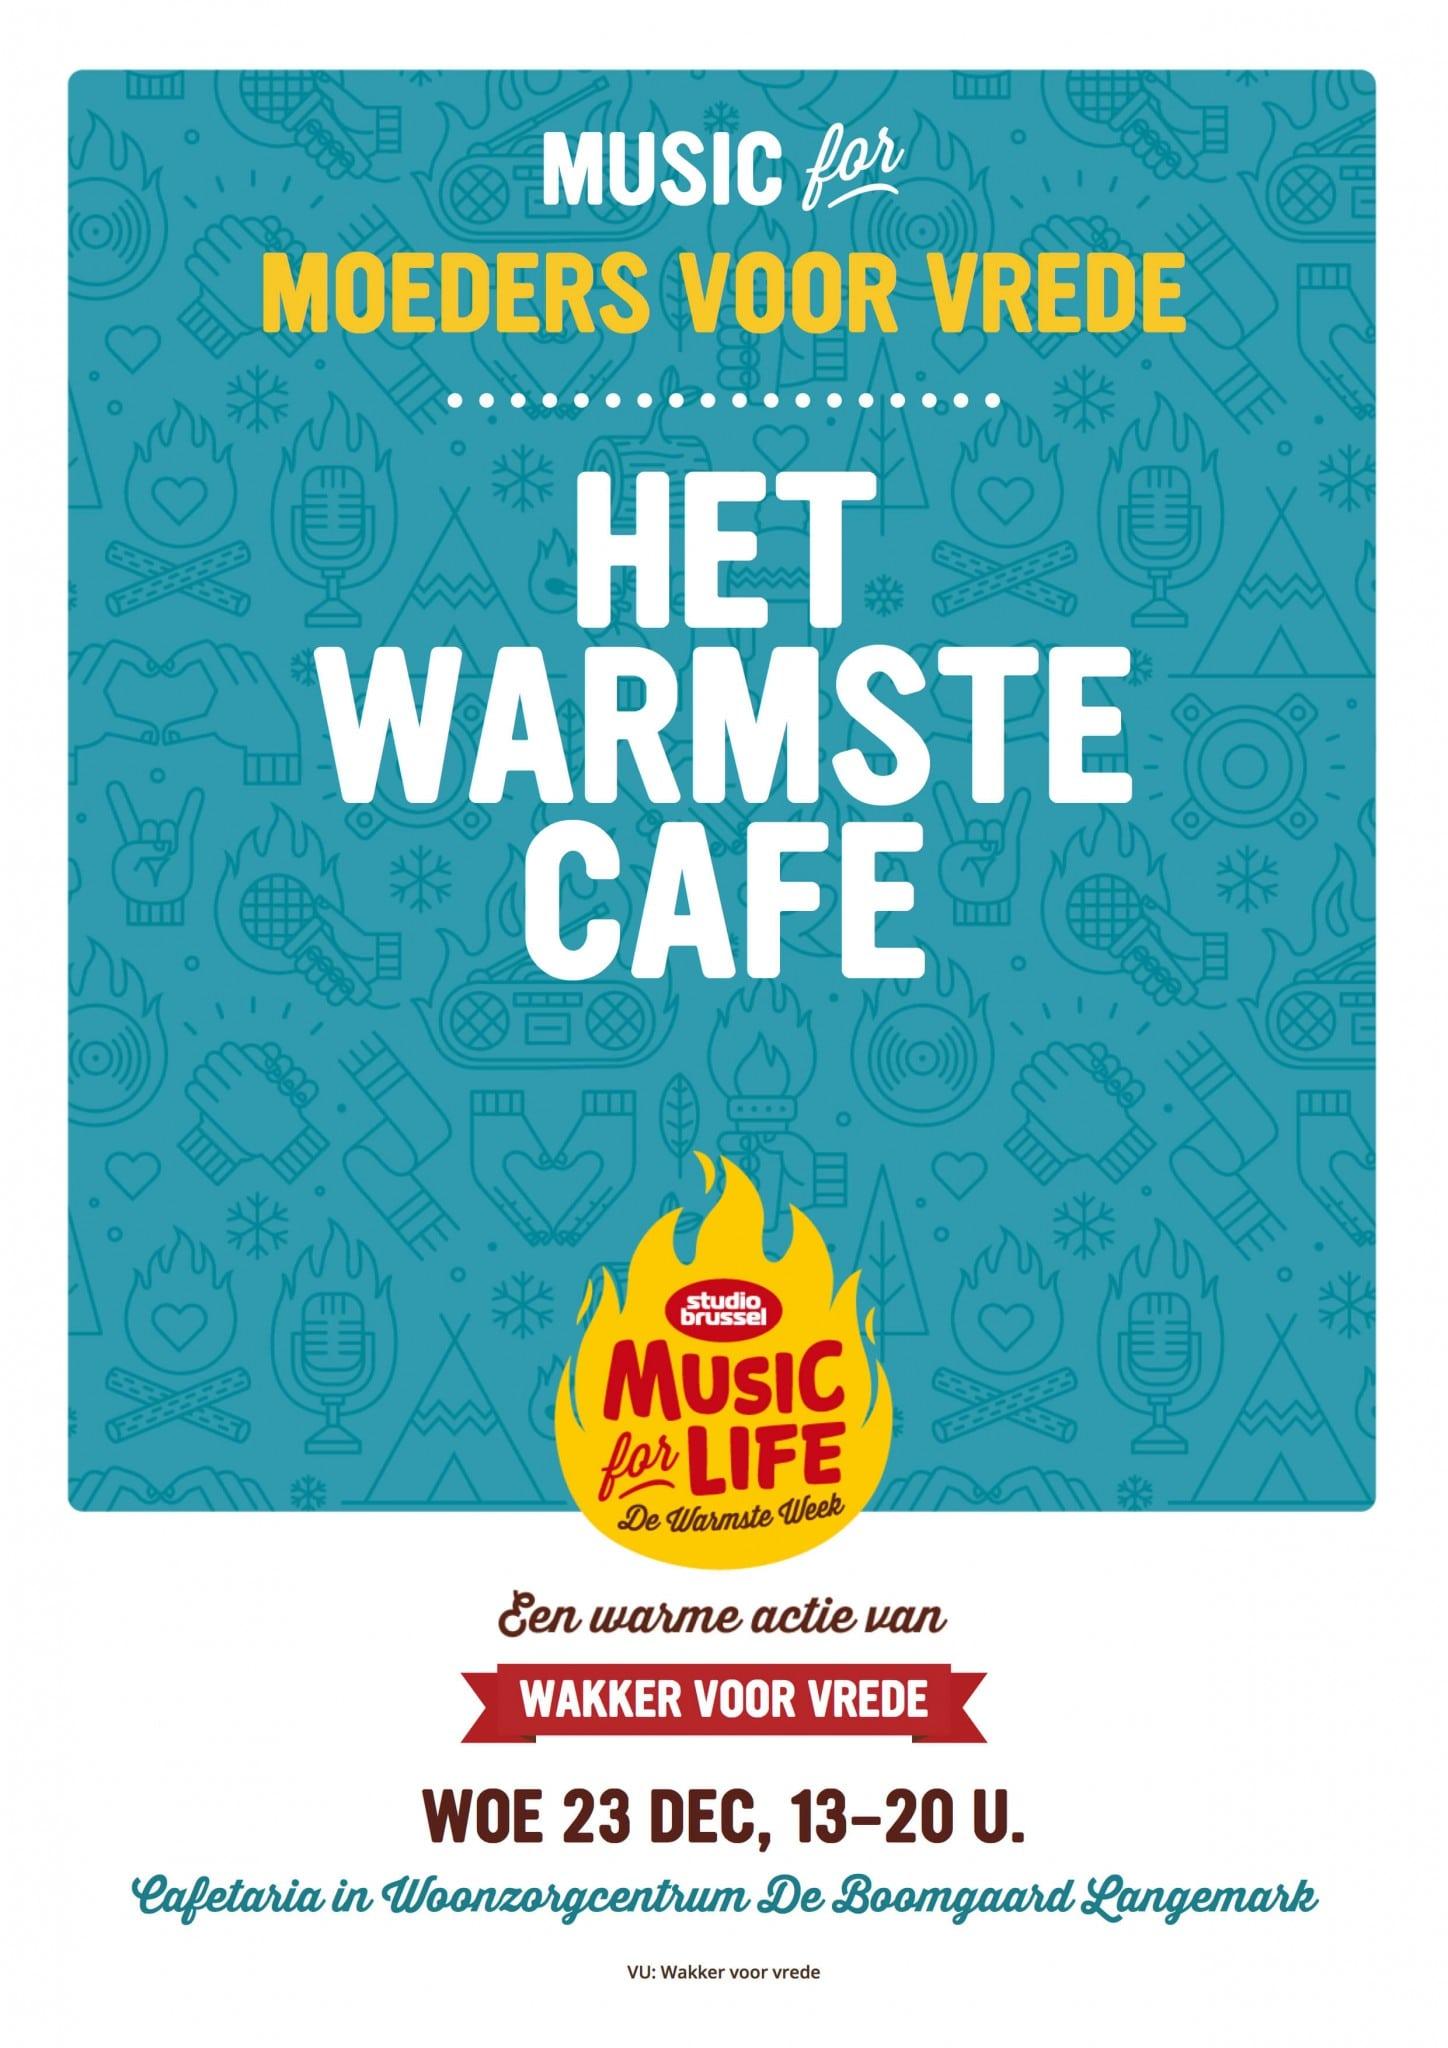 Het Warmste Café Voor Moeders Voor Vrede